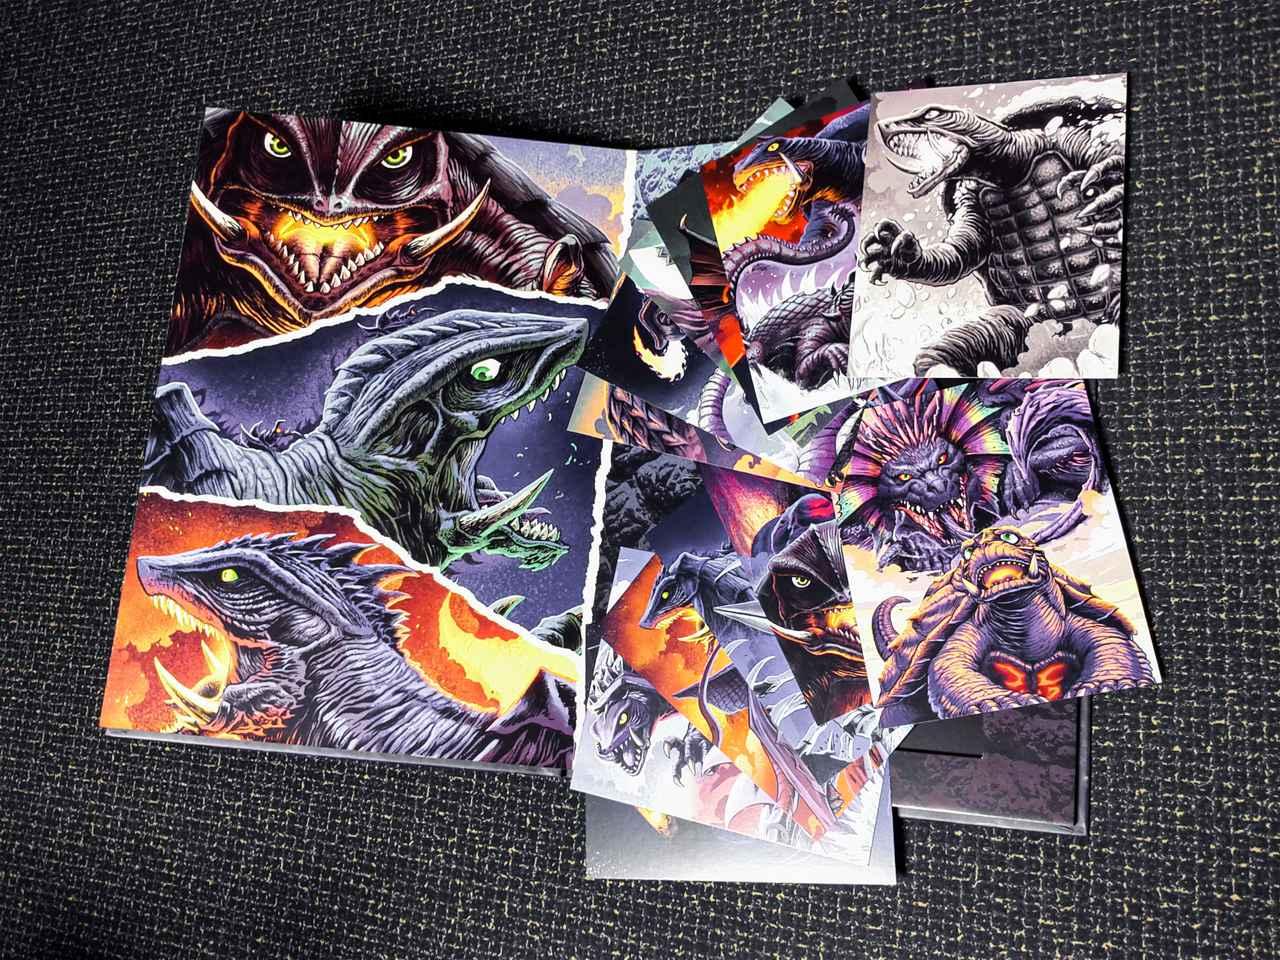 画像7: 超弩級『ガメラ:ザ・コンプリート・コレクション』【海外盤Blu-ray発売情報 - 特別編】